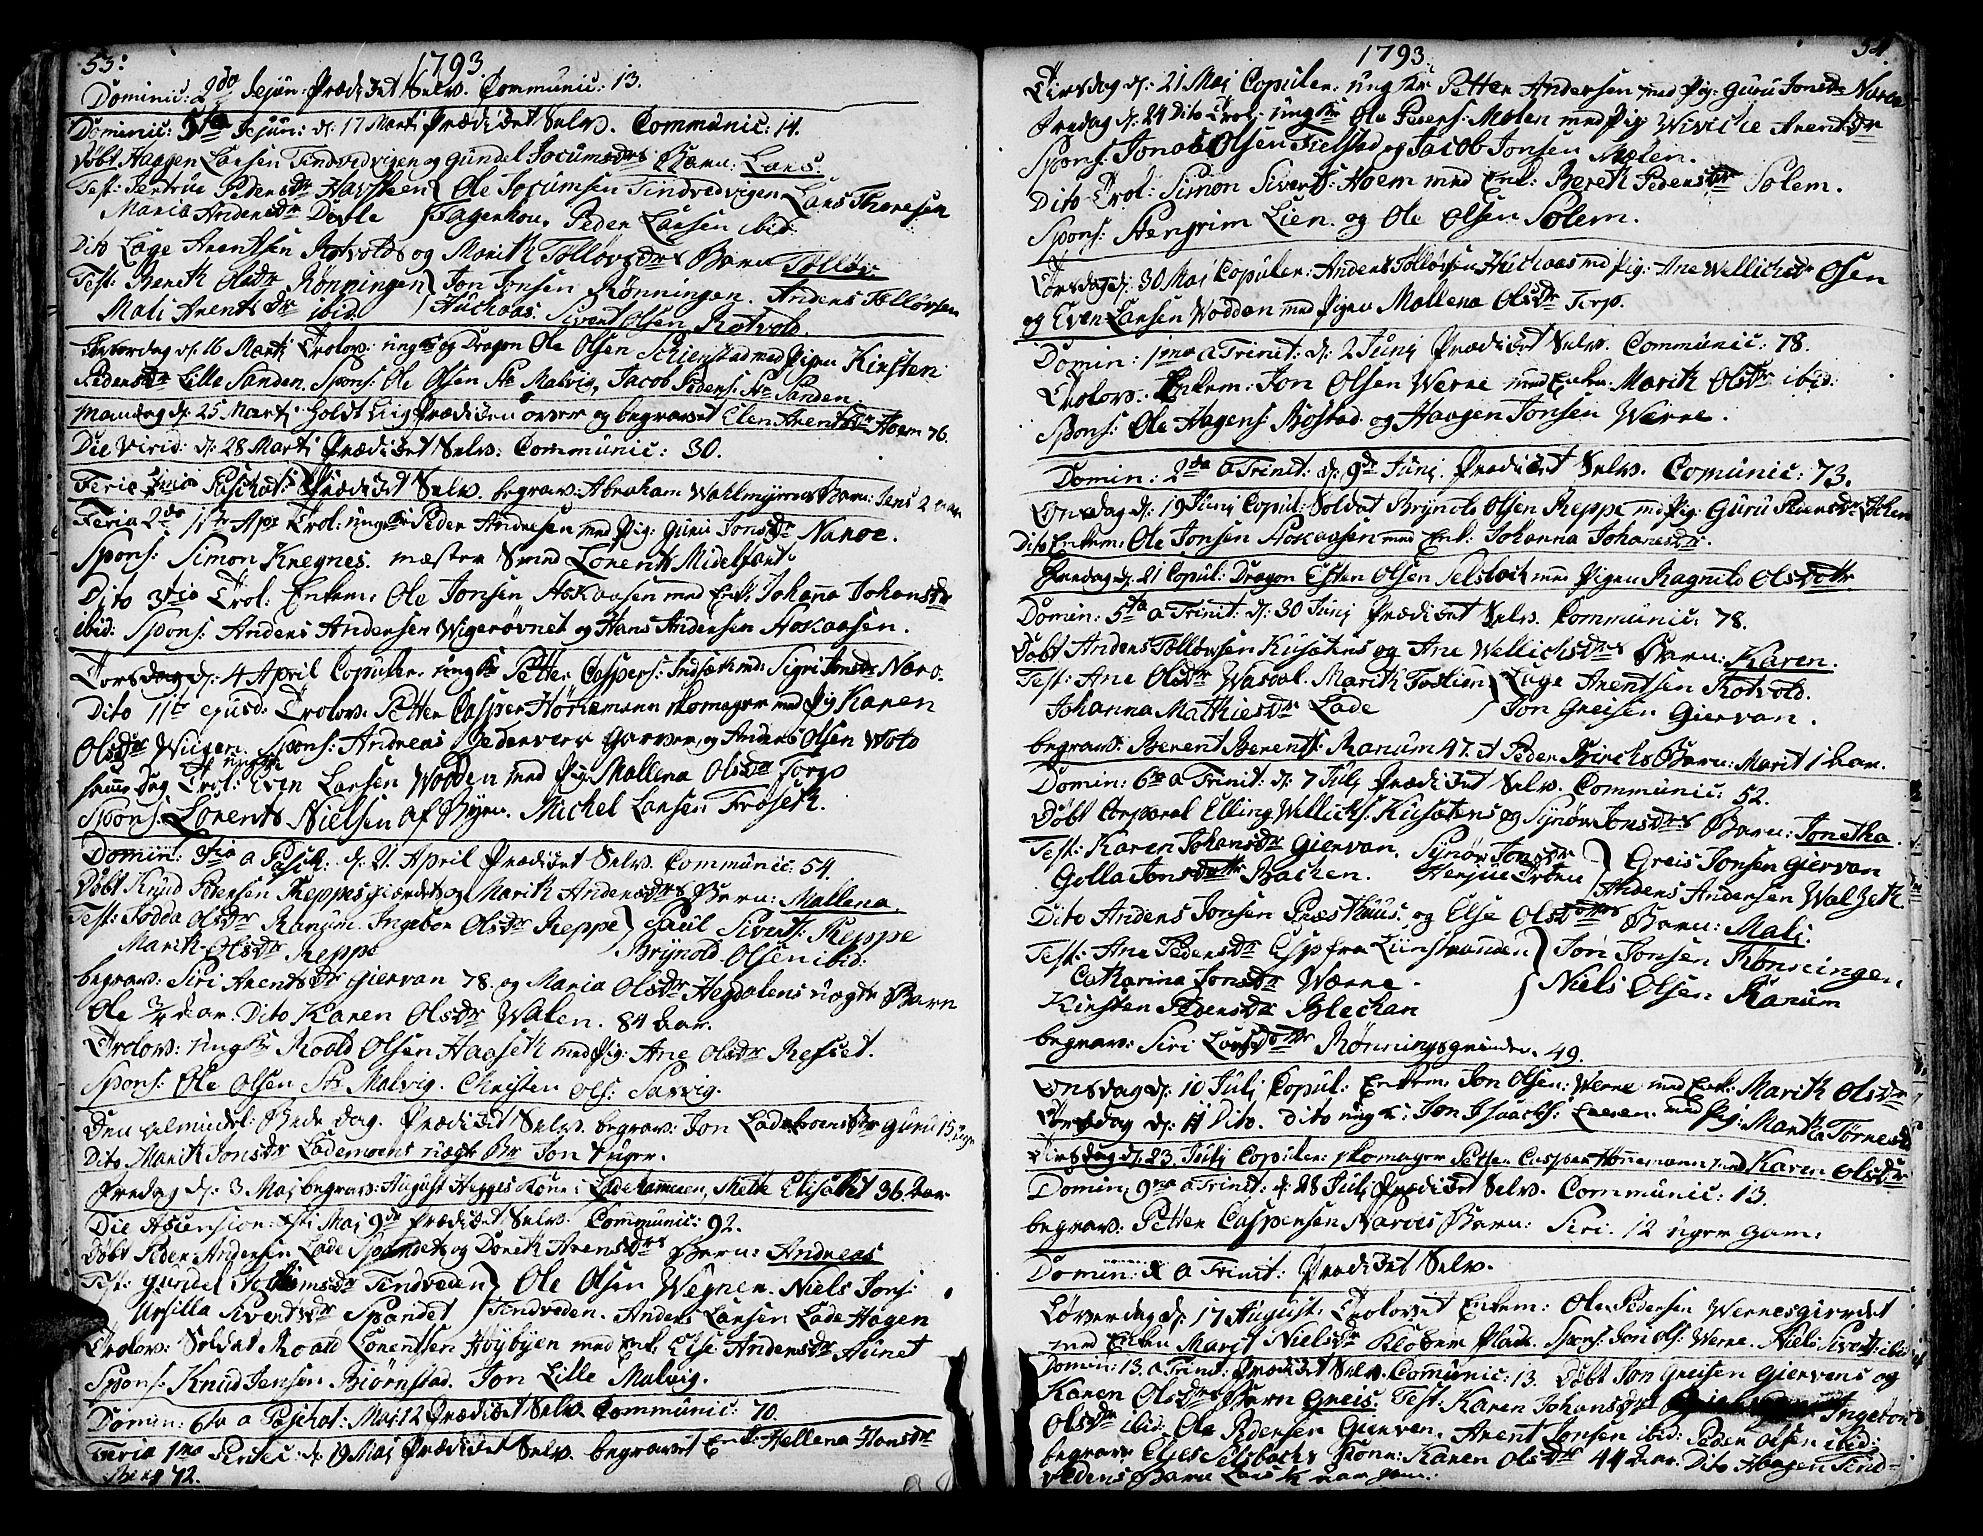 SAT, Ministerialprotokoller, klokkerbøker og fødselsregistre - Sør-Trøndelag, 606/L0280: Ministerialbok nr. 606A02 /1, 1781-1817, s. 53-54